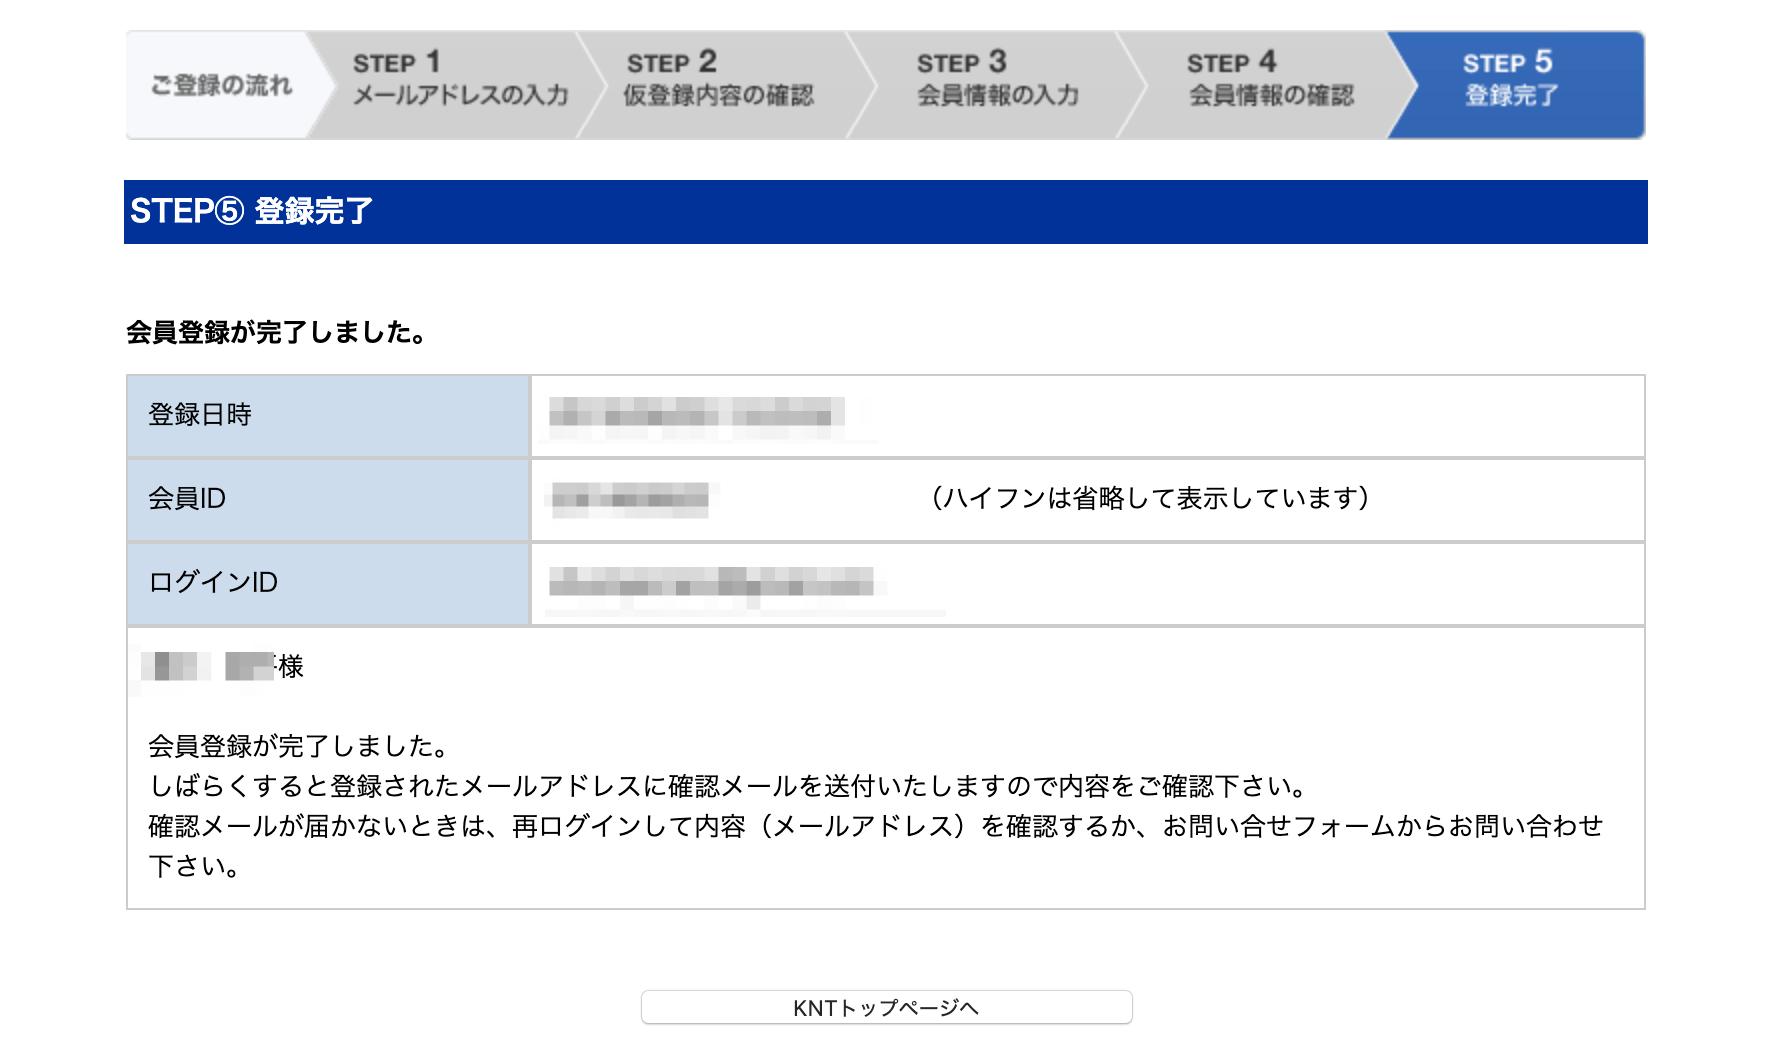 近畿日本ツーリストで会員登録の完了画面